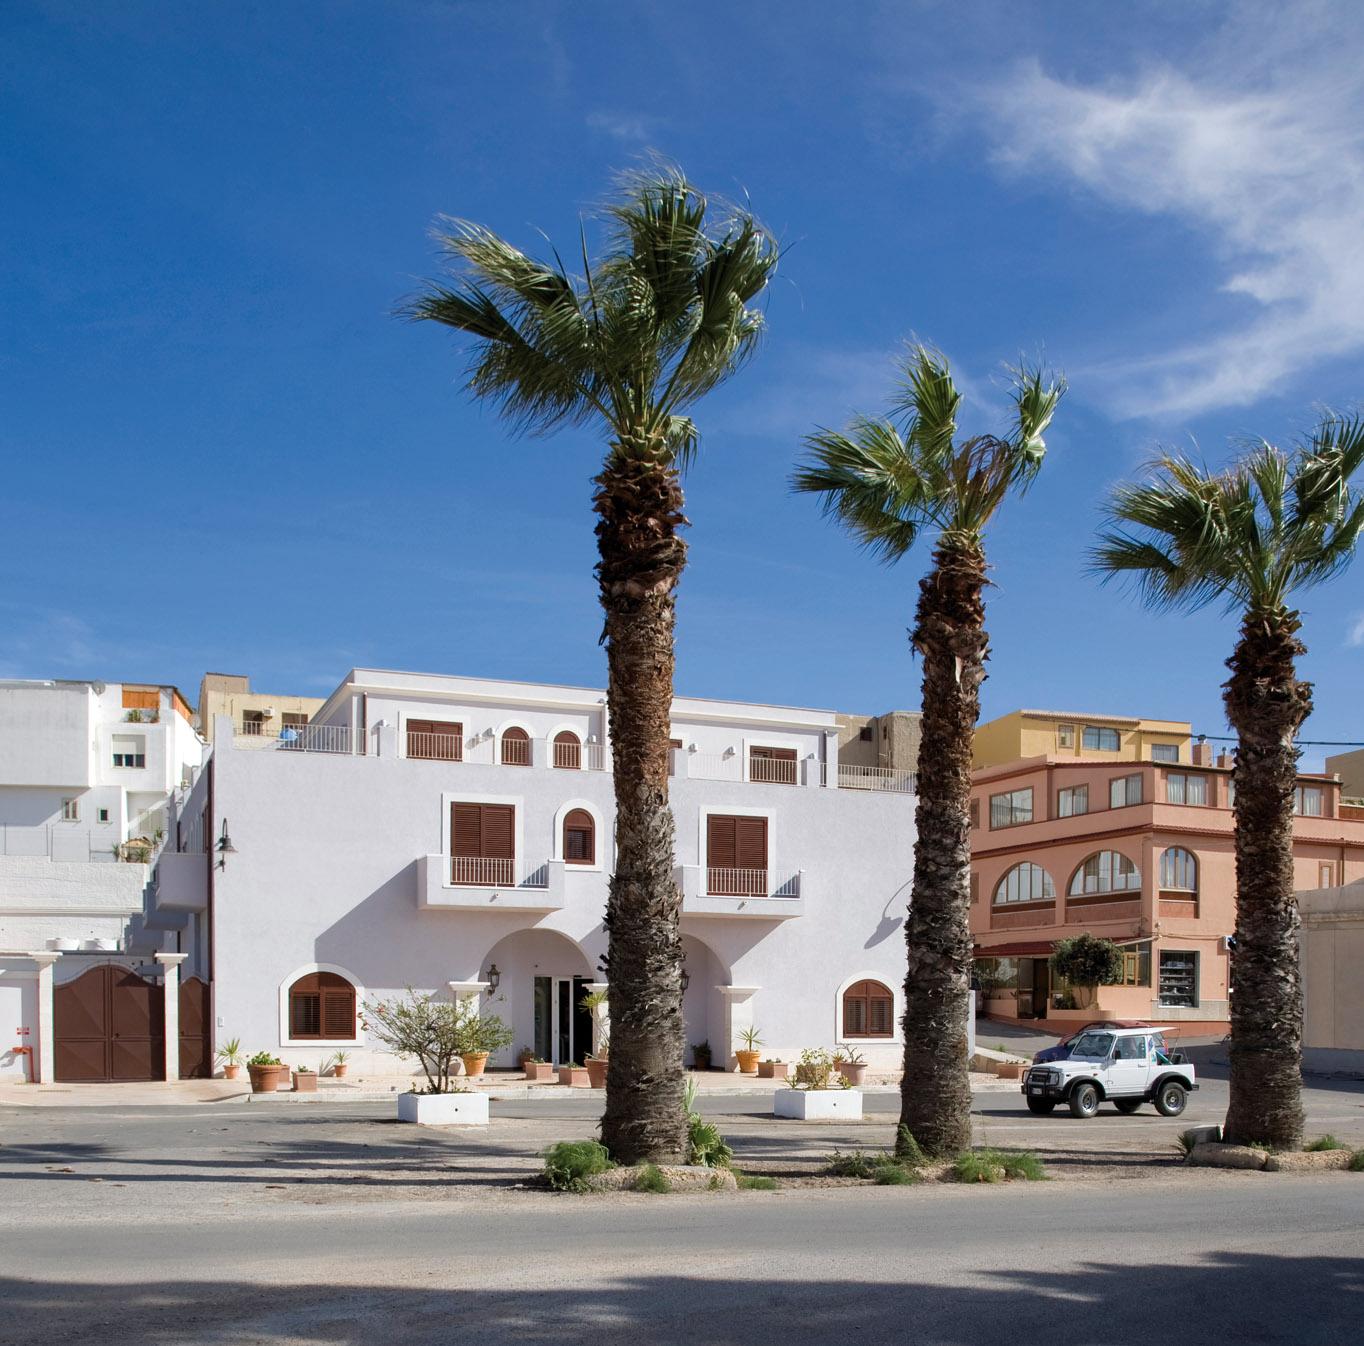 Hotel O'scia